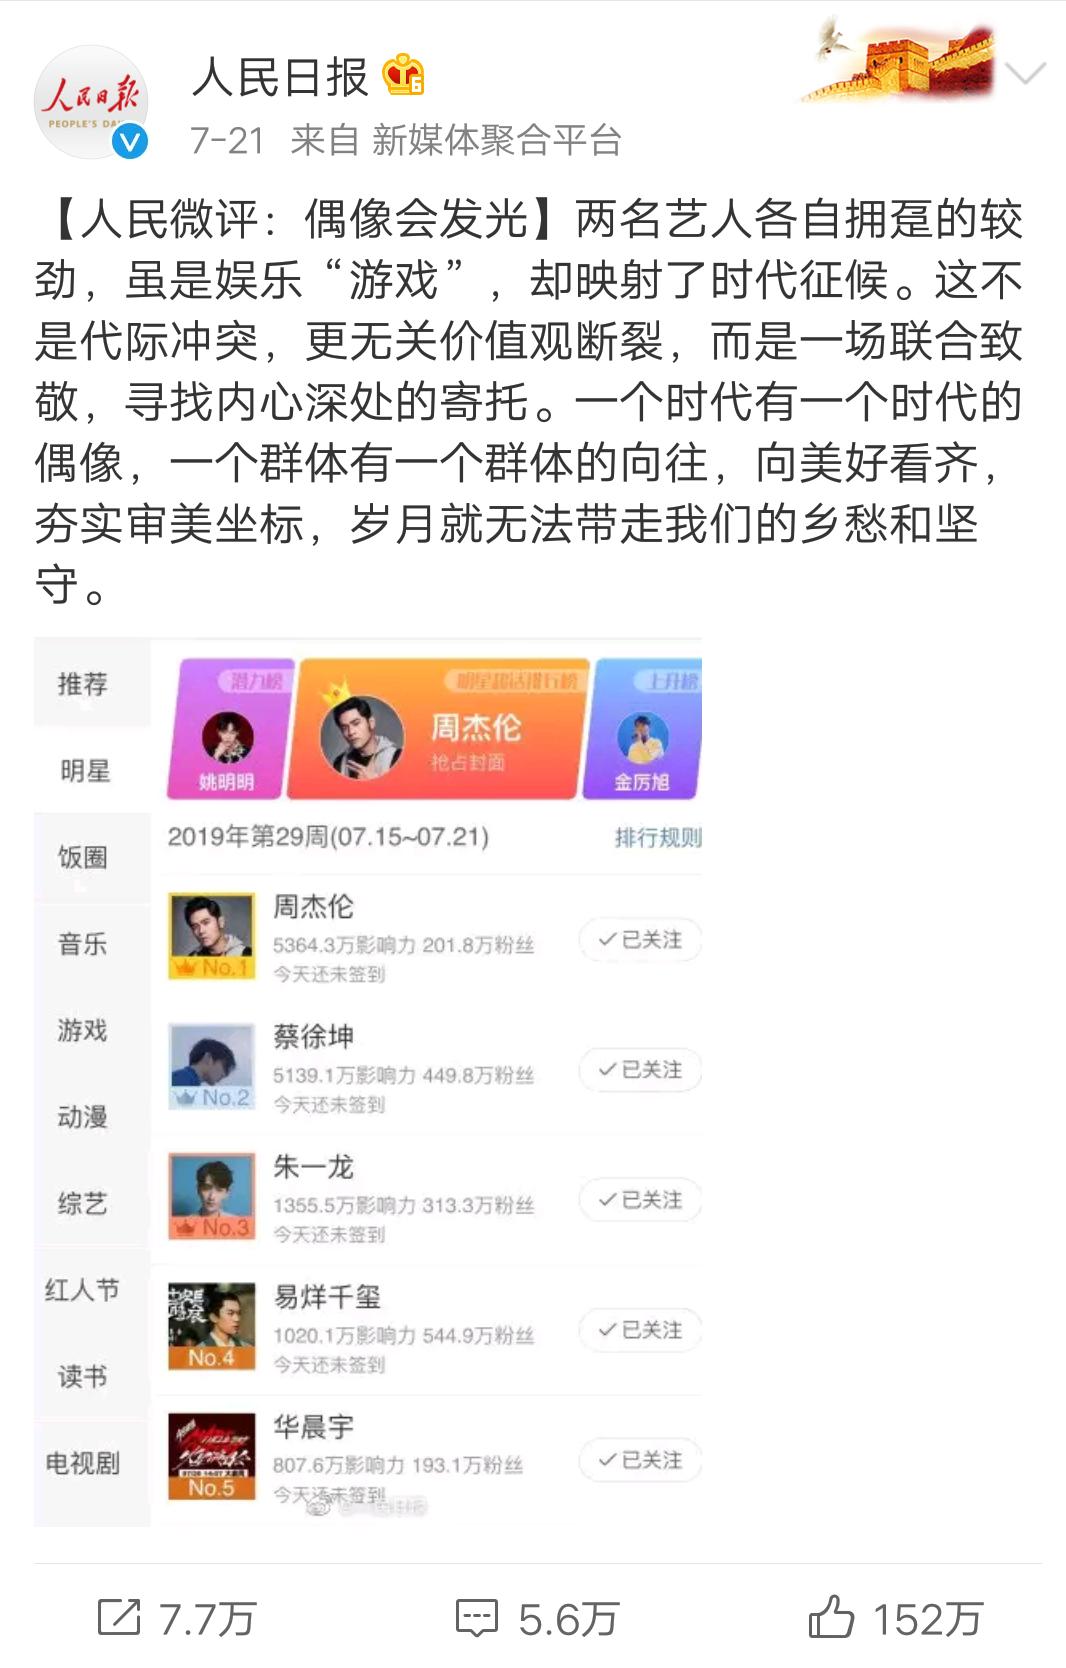 全讯网五湖四海5123